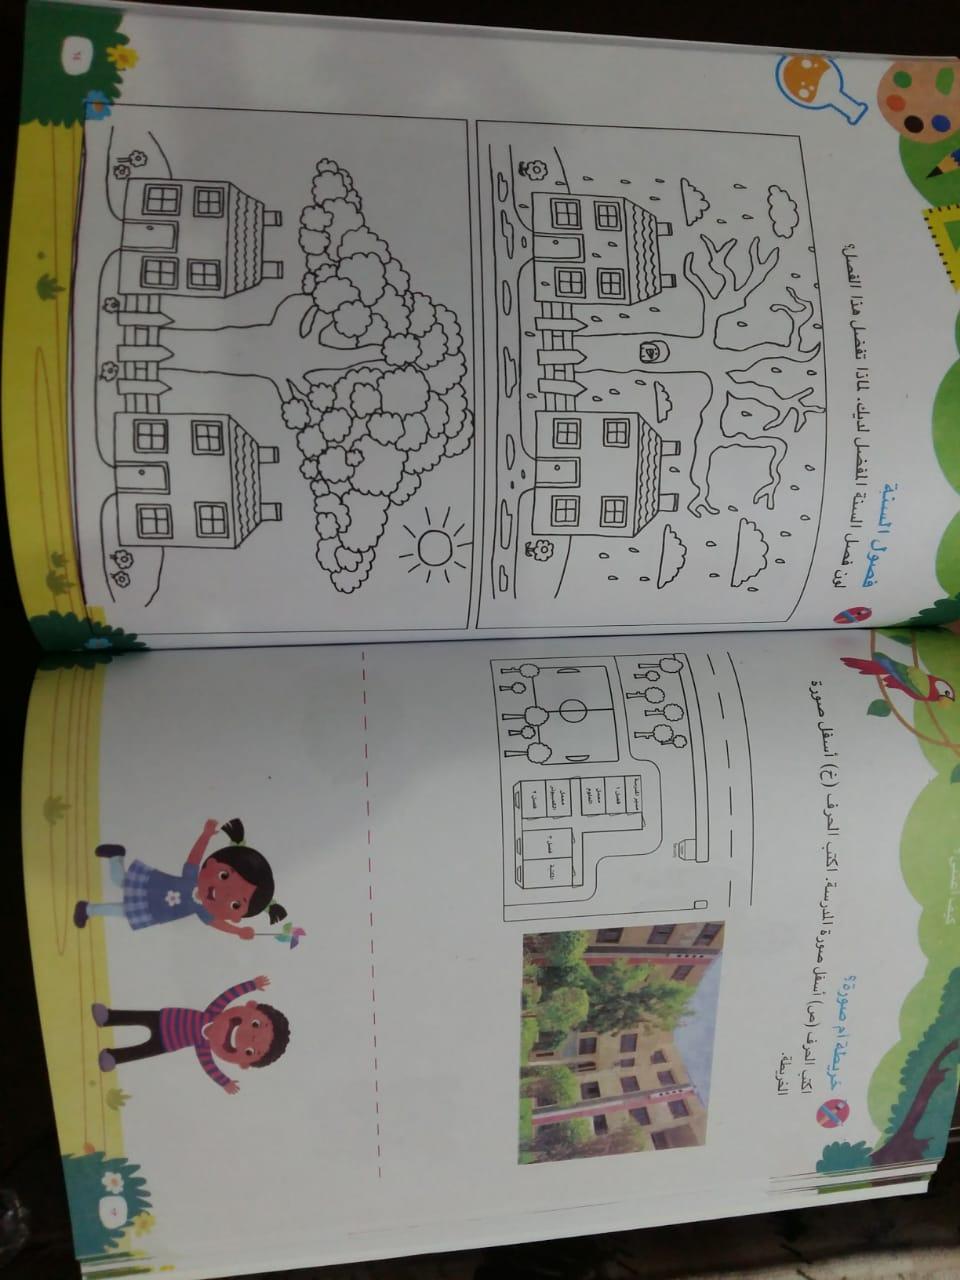 منهج رياض الأطفال الجديد (32)